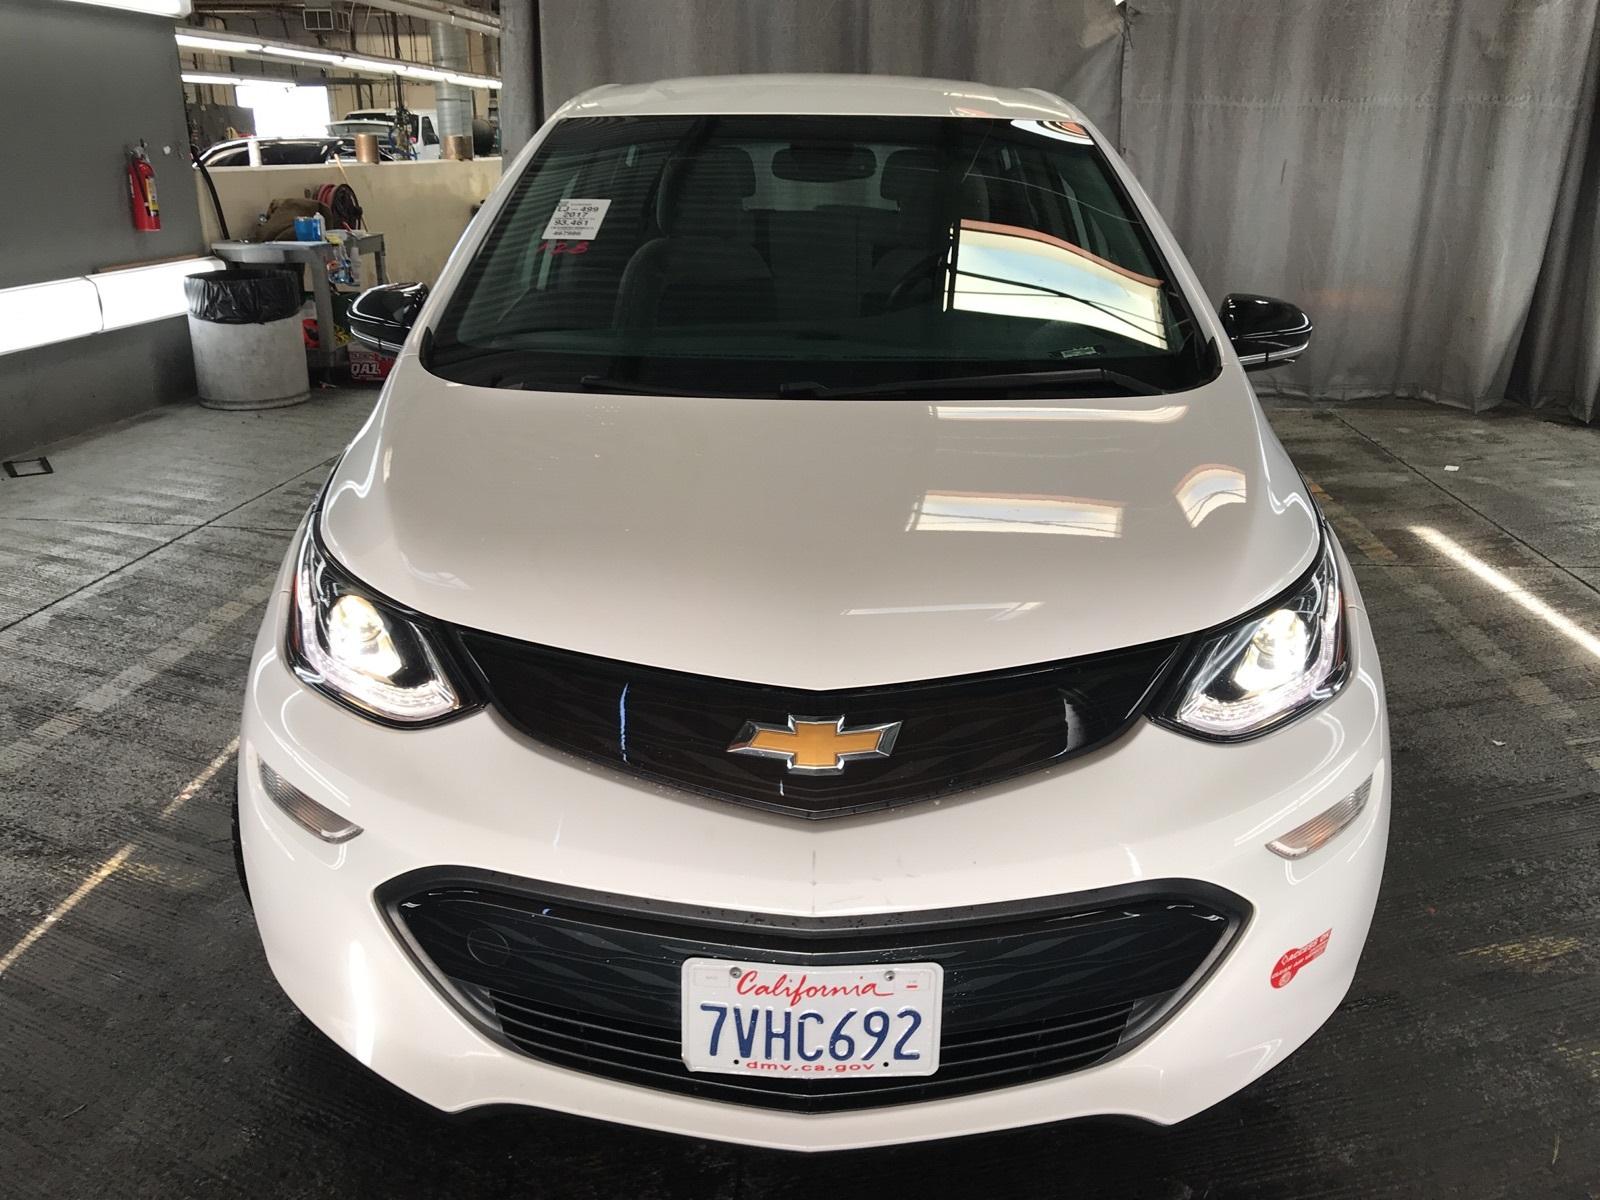 http://autocredit.com.ua/electro-cars/uploads/12/21-02-20/0yN3Hf_J8p3jlB9qA.jpeg